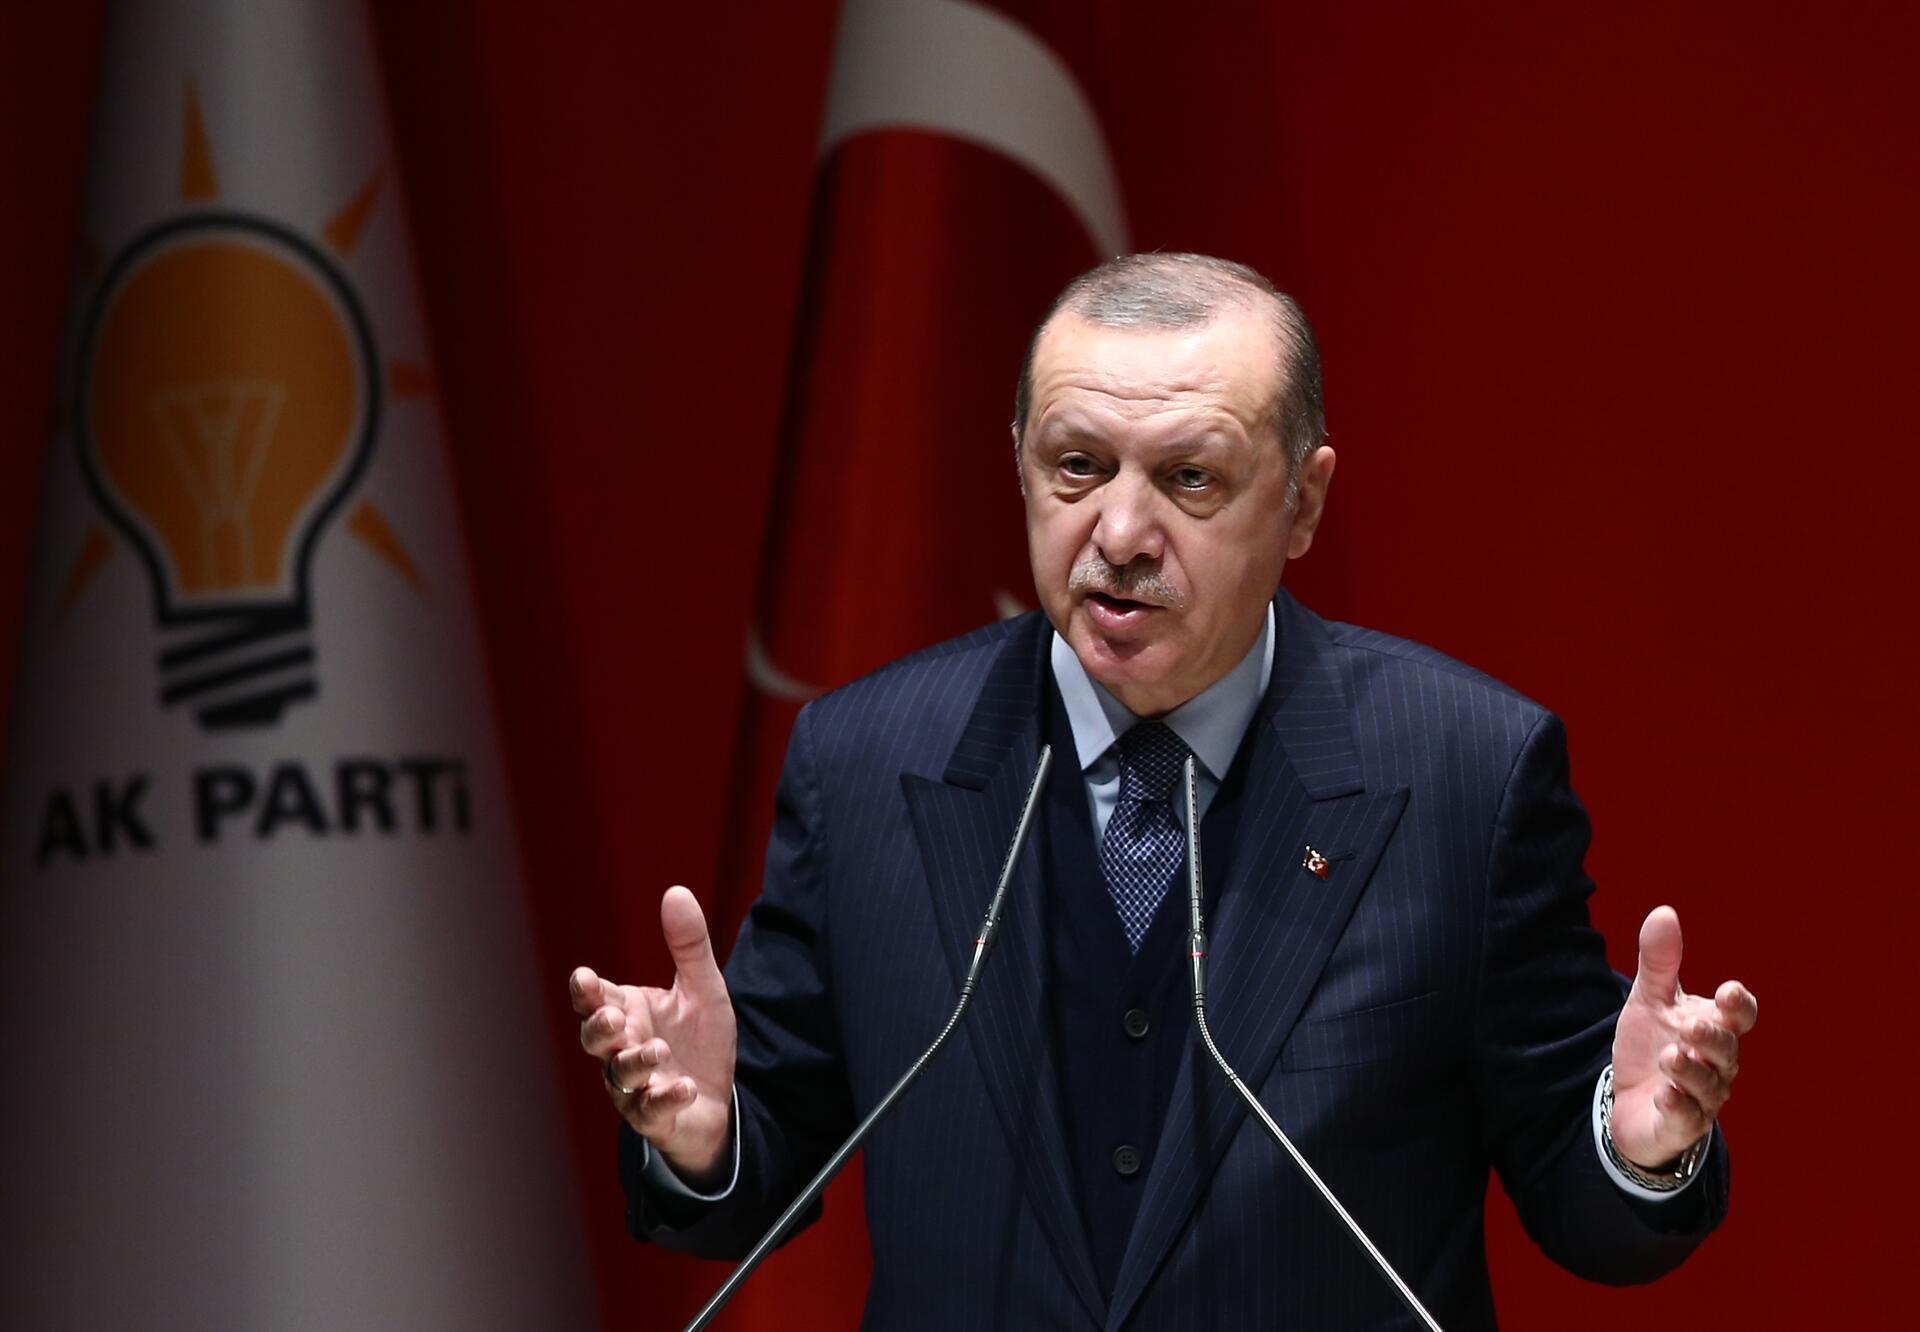 Erdoğan blasts US for spreading 'fake news' over Afrin